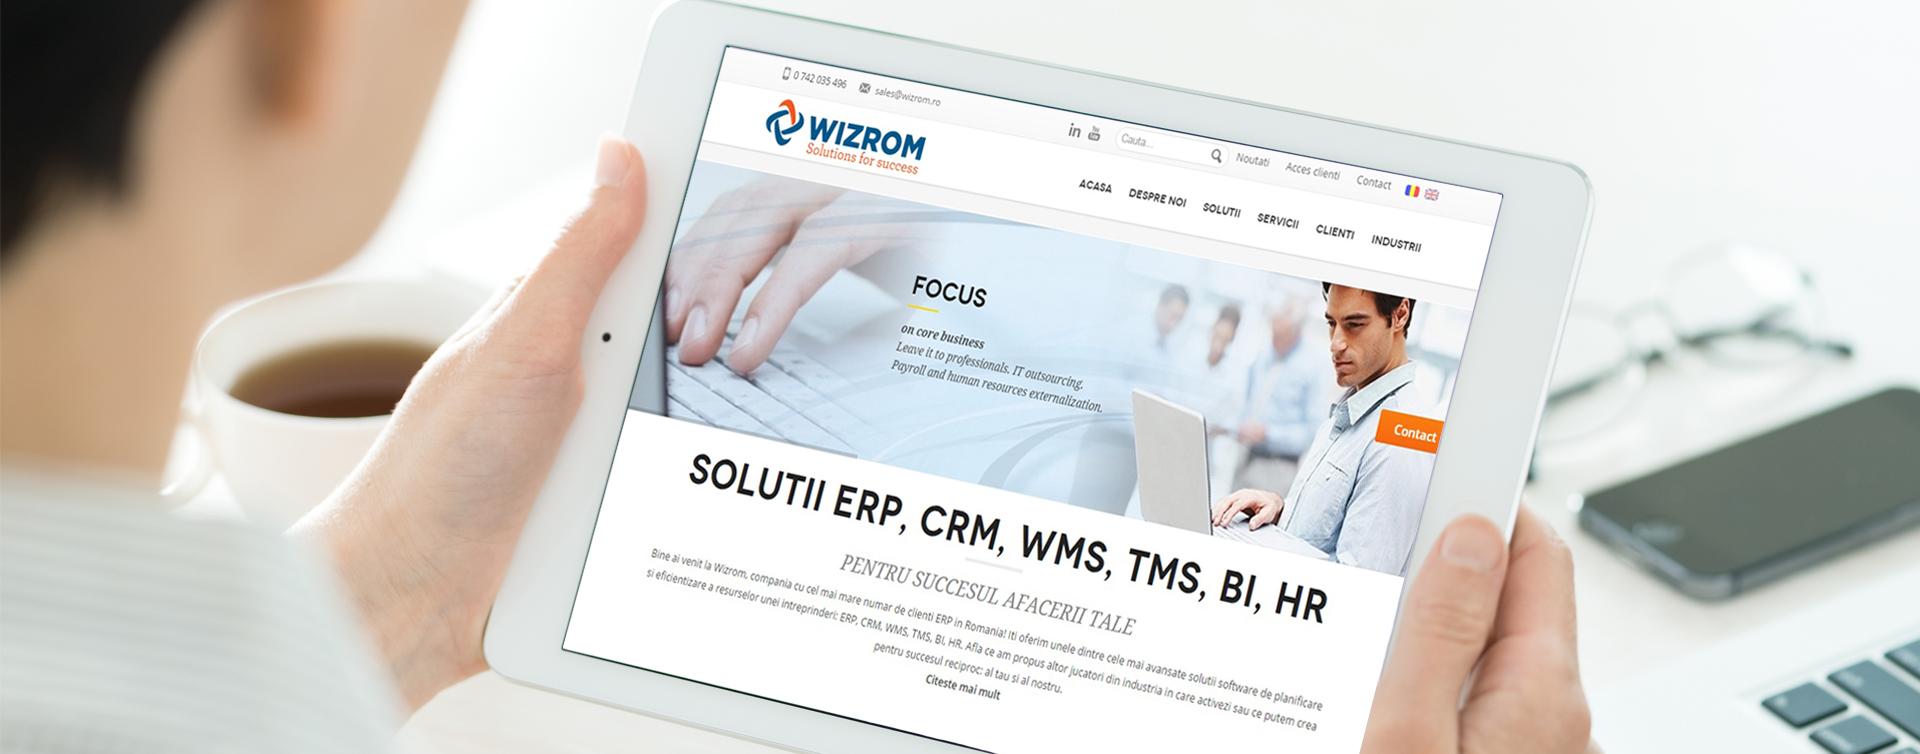 tableta-wizrom